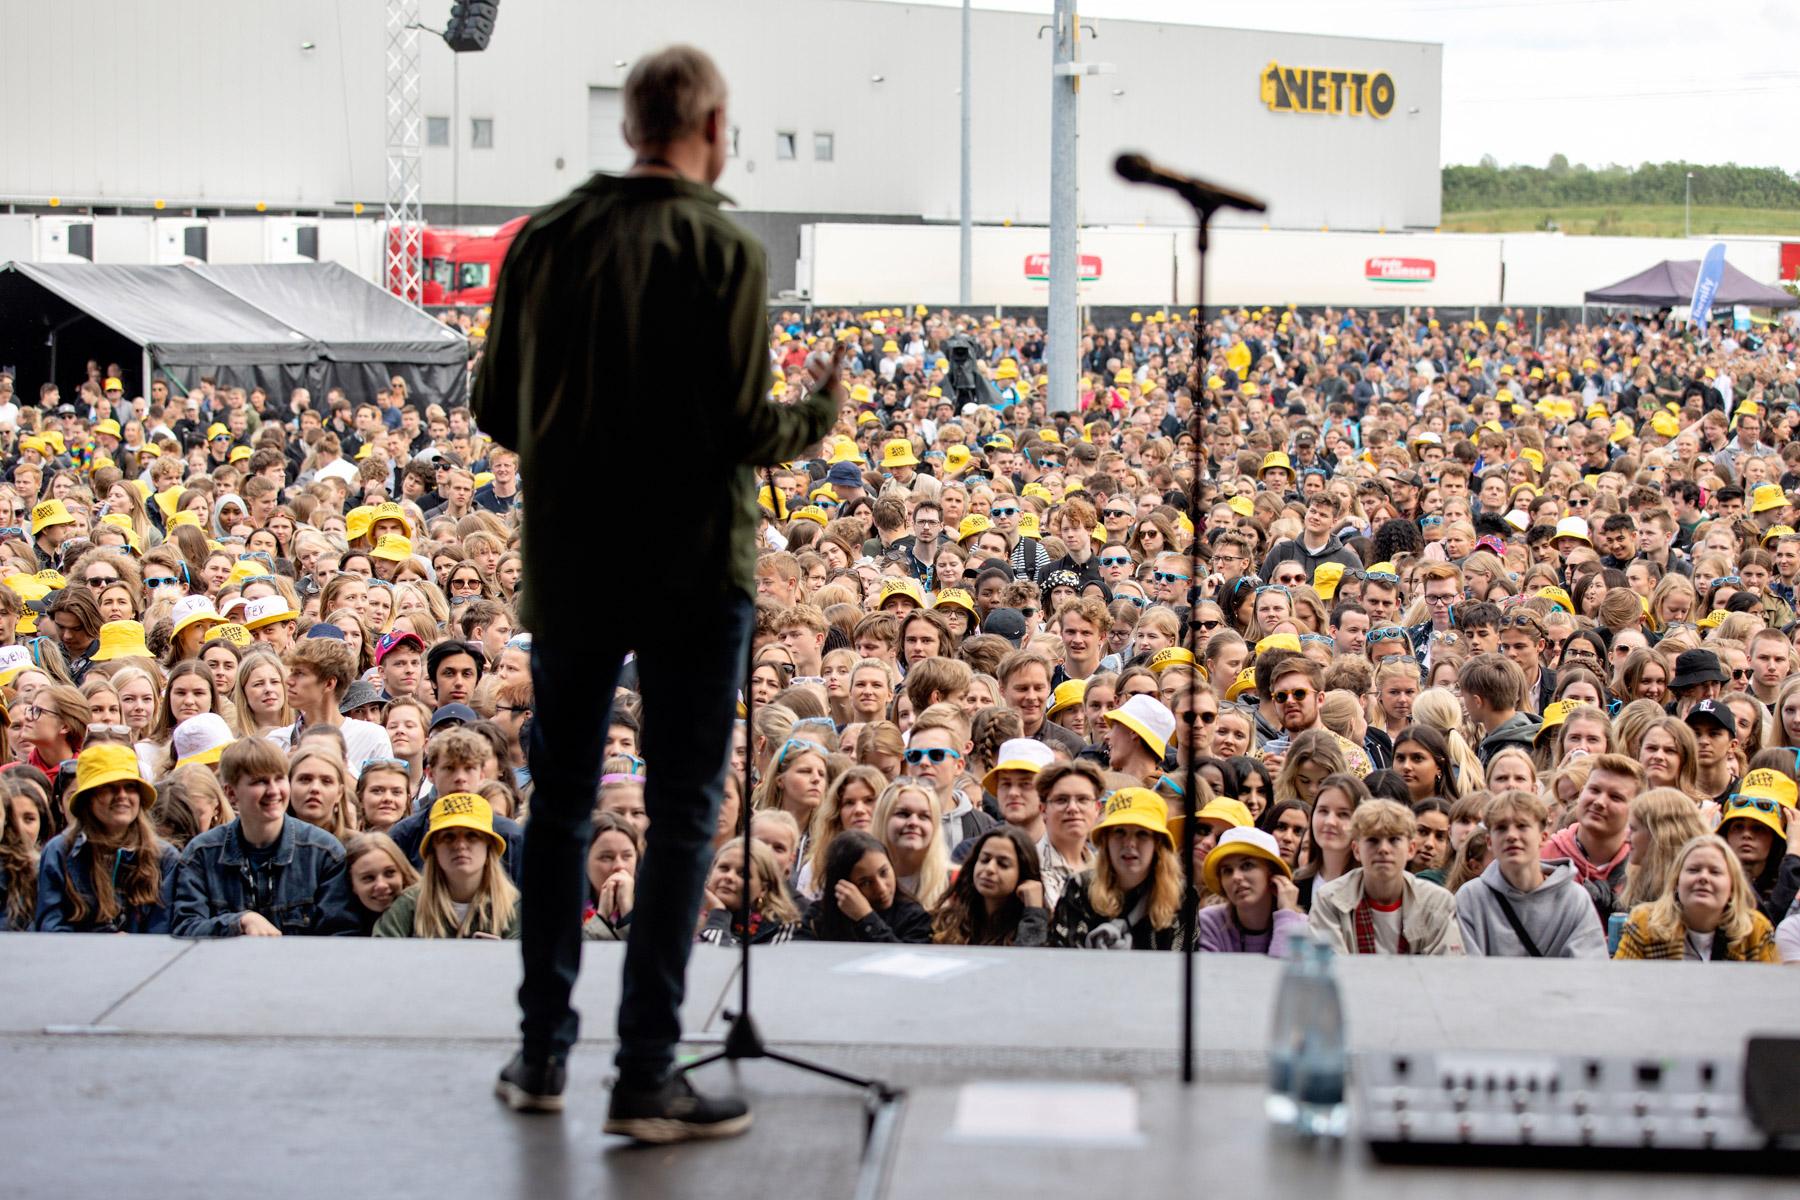 Overskudsmad fra Danmarks største firmafest går til udsatte borgere